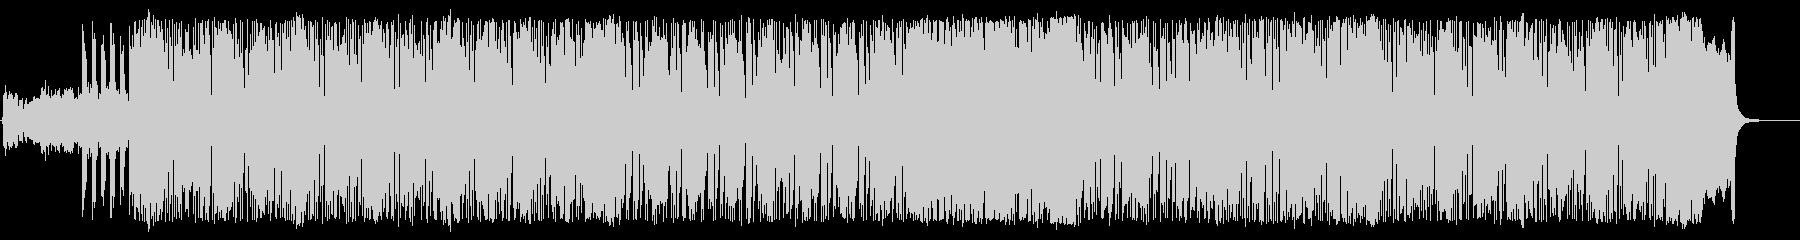 緊迫感のあるテクニカルなヘヴィメタルの未再生の波形